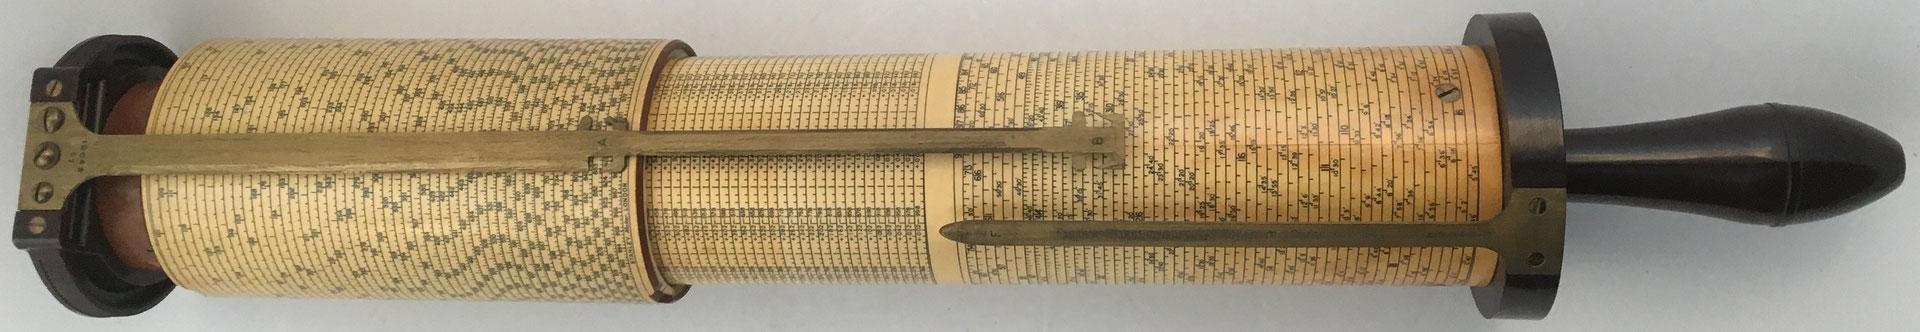 Regla cilíndrica FULLER tipo 2, fabricada por W. F. Stanley & Company, s/n 12068, año 1957, 9 cm diámetro,  (precio estimado: 300€)